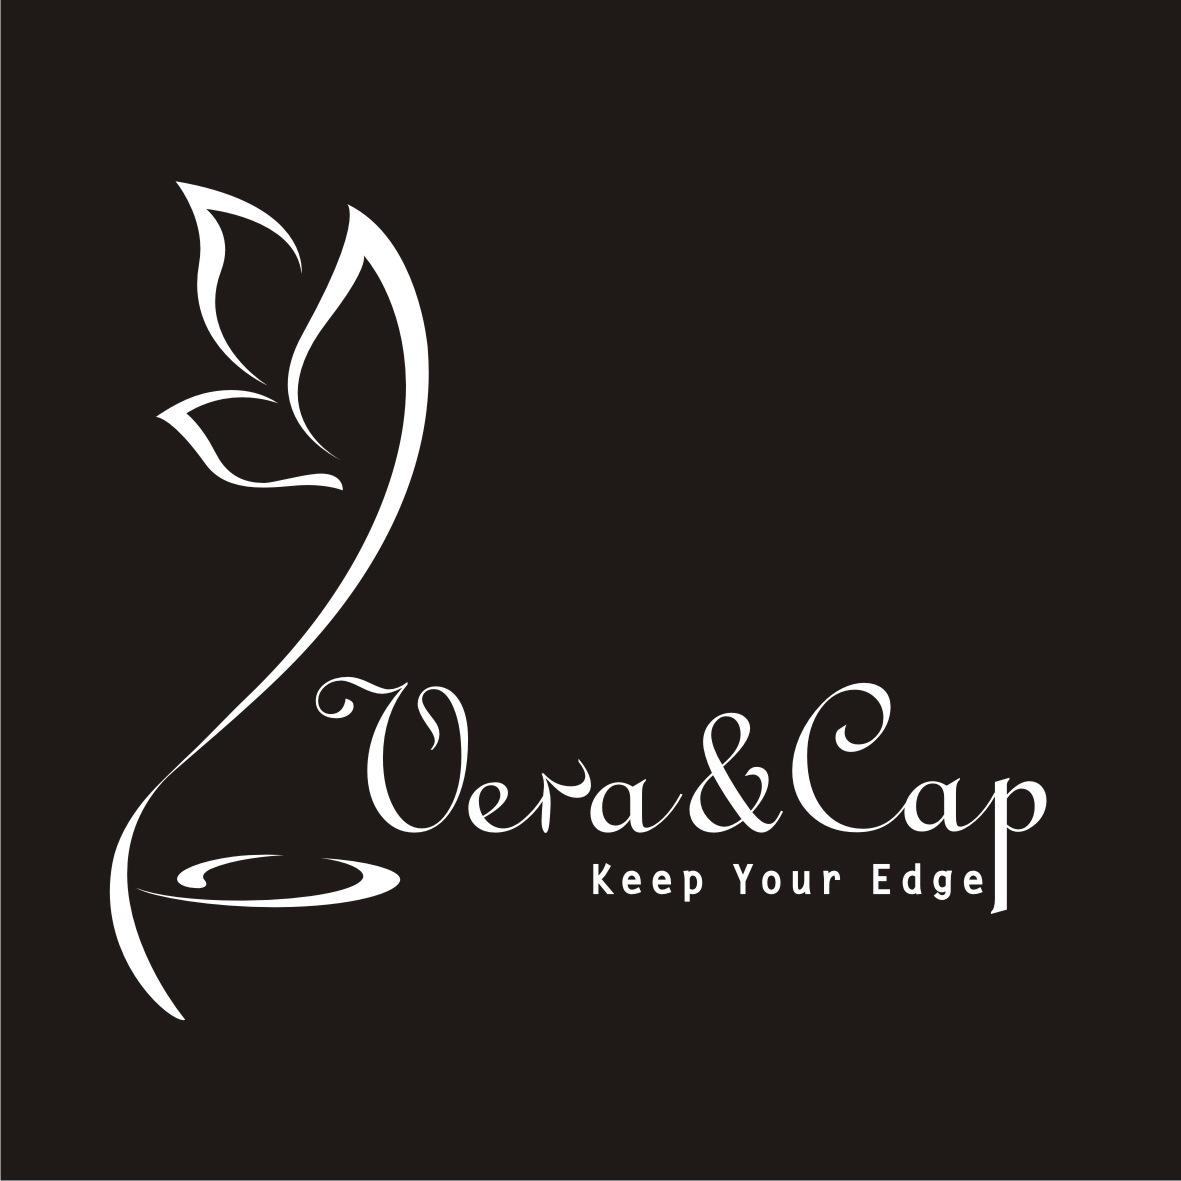 vera&cap潮牌 各类设计师成衣,饰品,您时尚